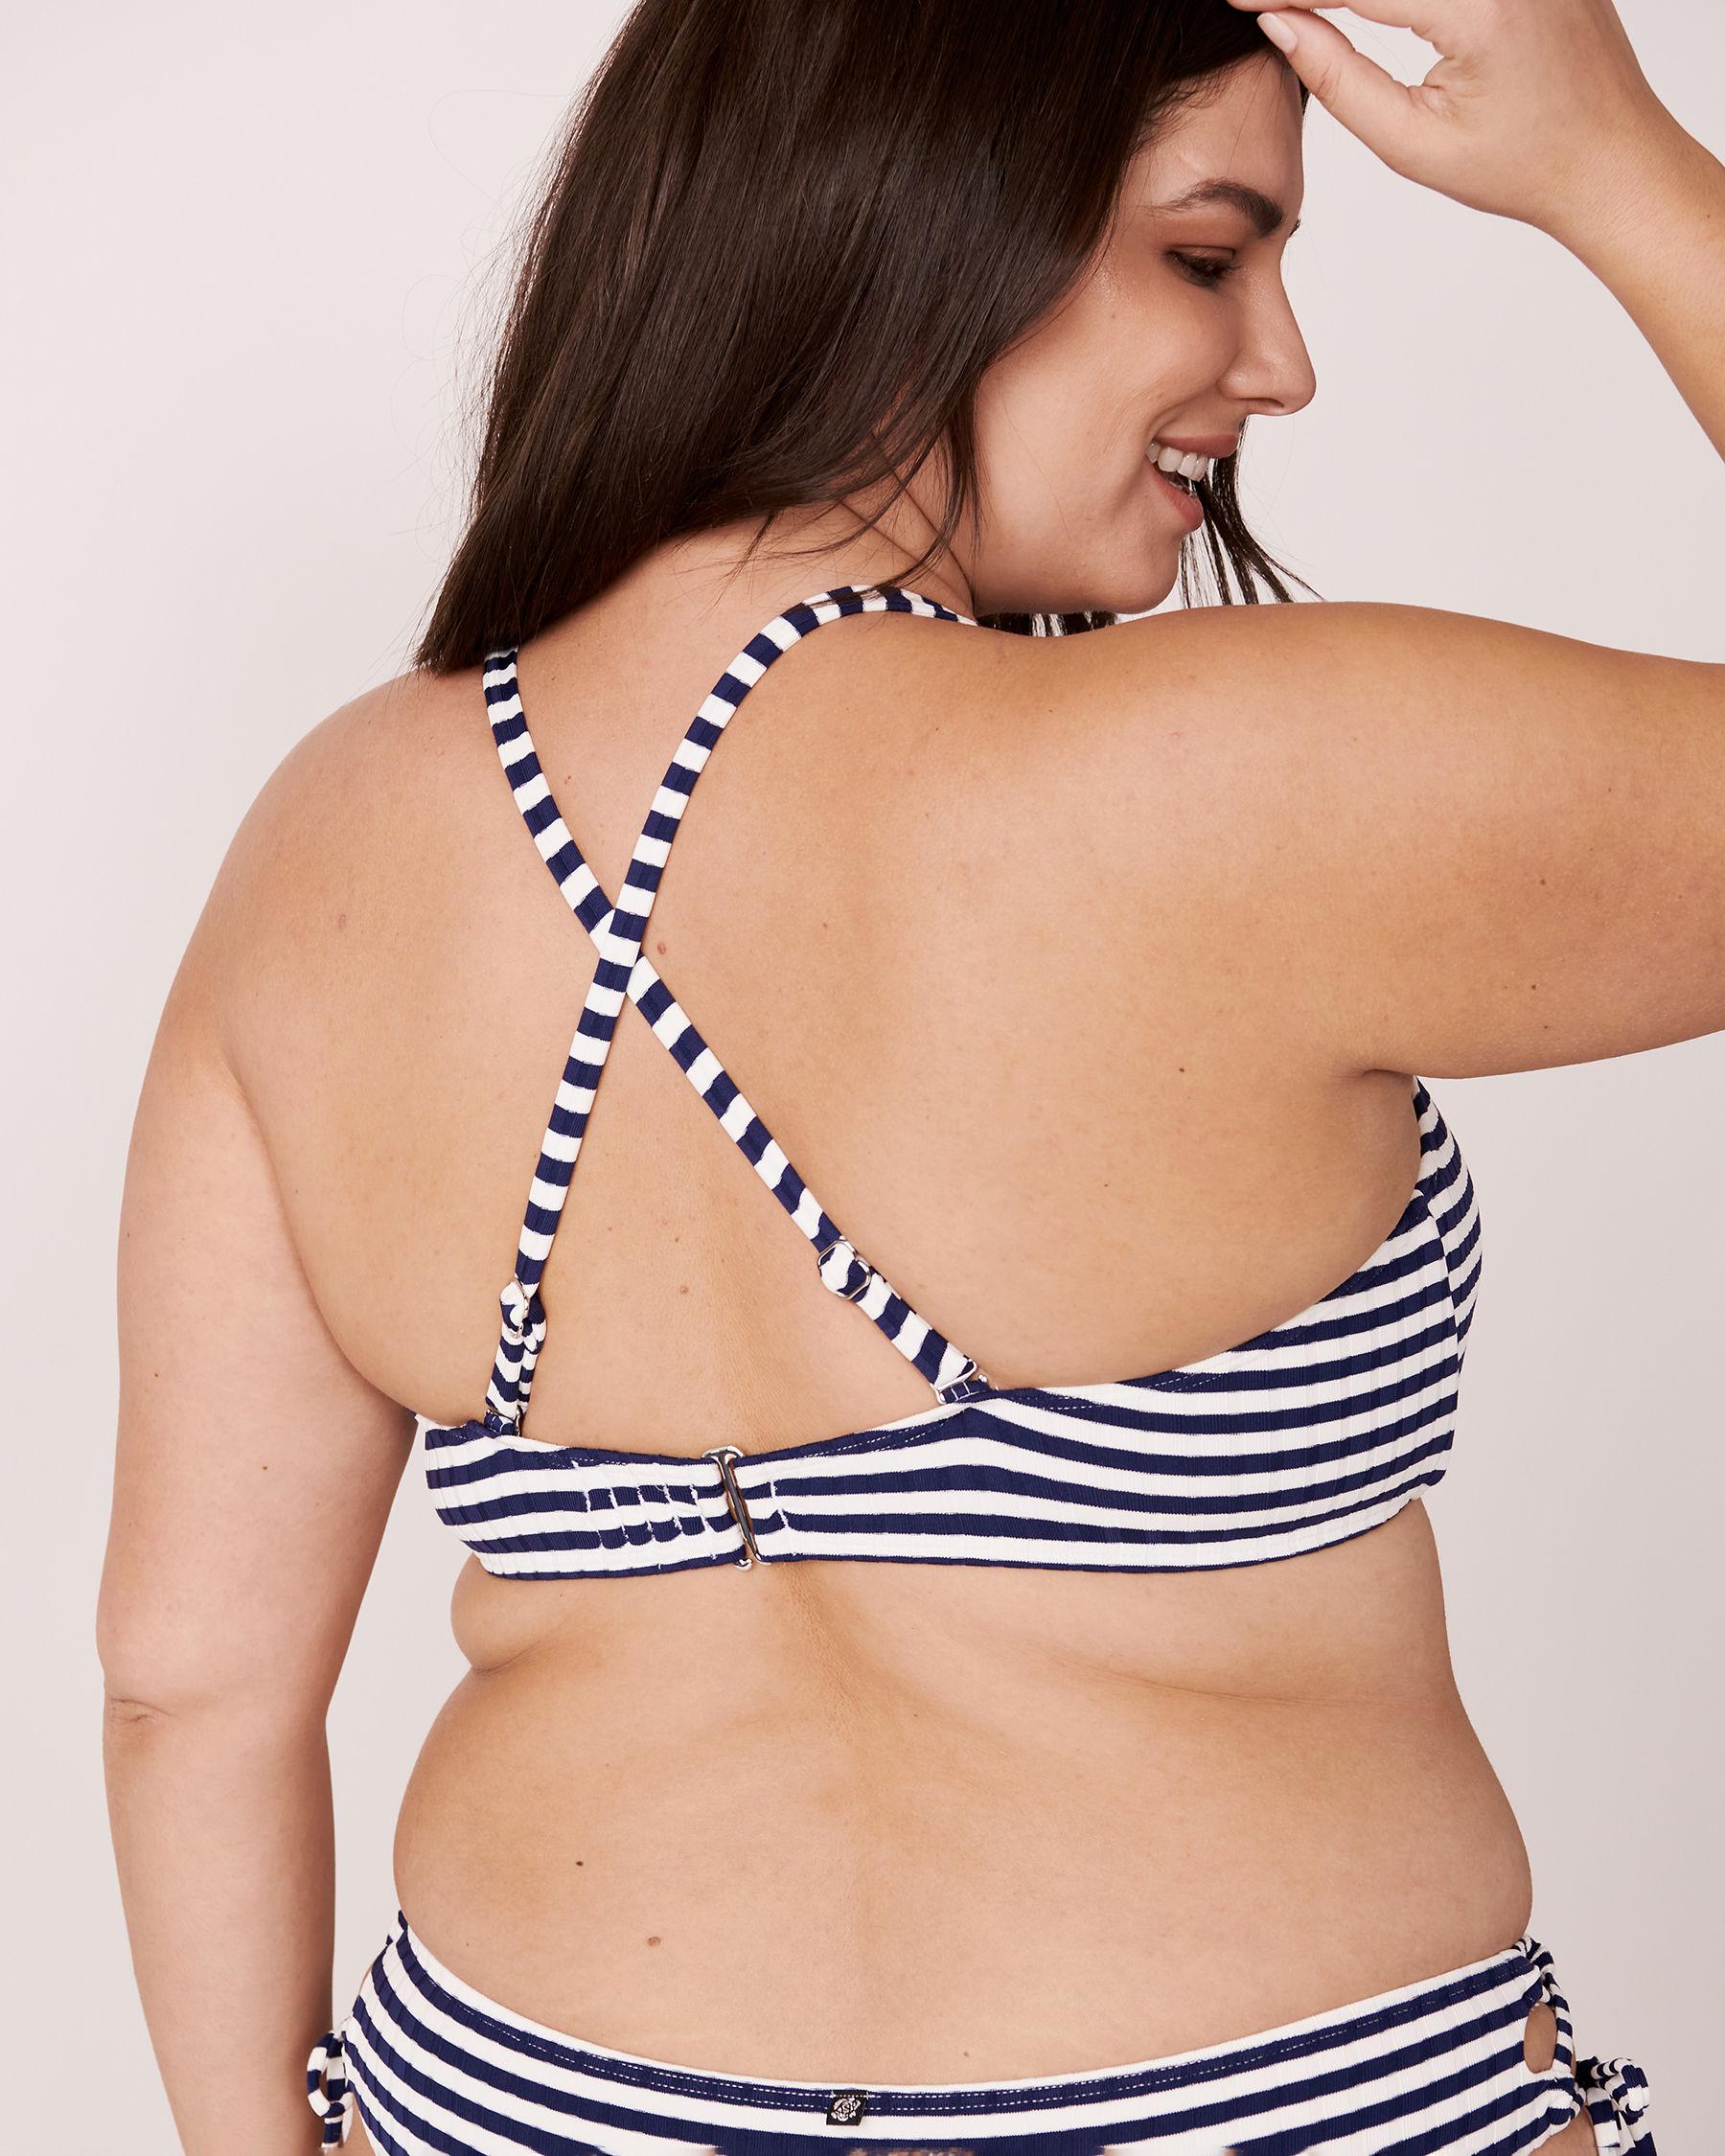 LA VIE EN ROSE AQUA Haut de bikini bralette bonnet D en fibres recyclées NAVY STRIPE Rayures bleues et blanches 70200003 - Voir5